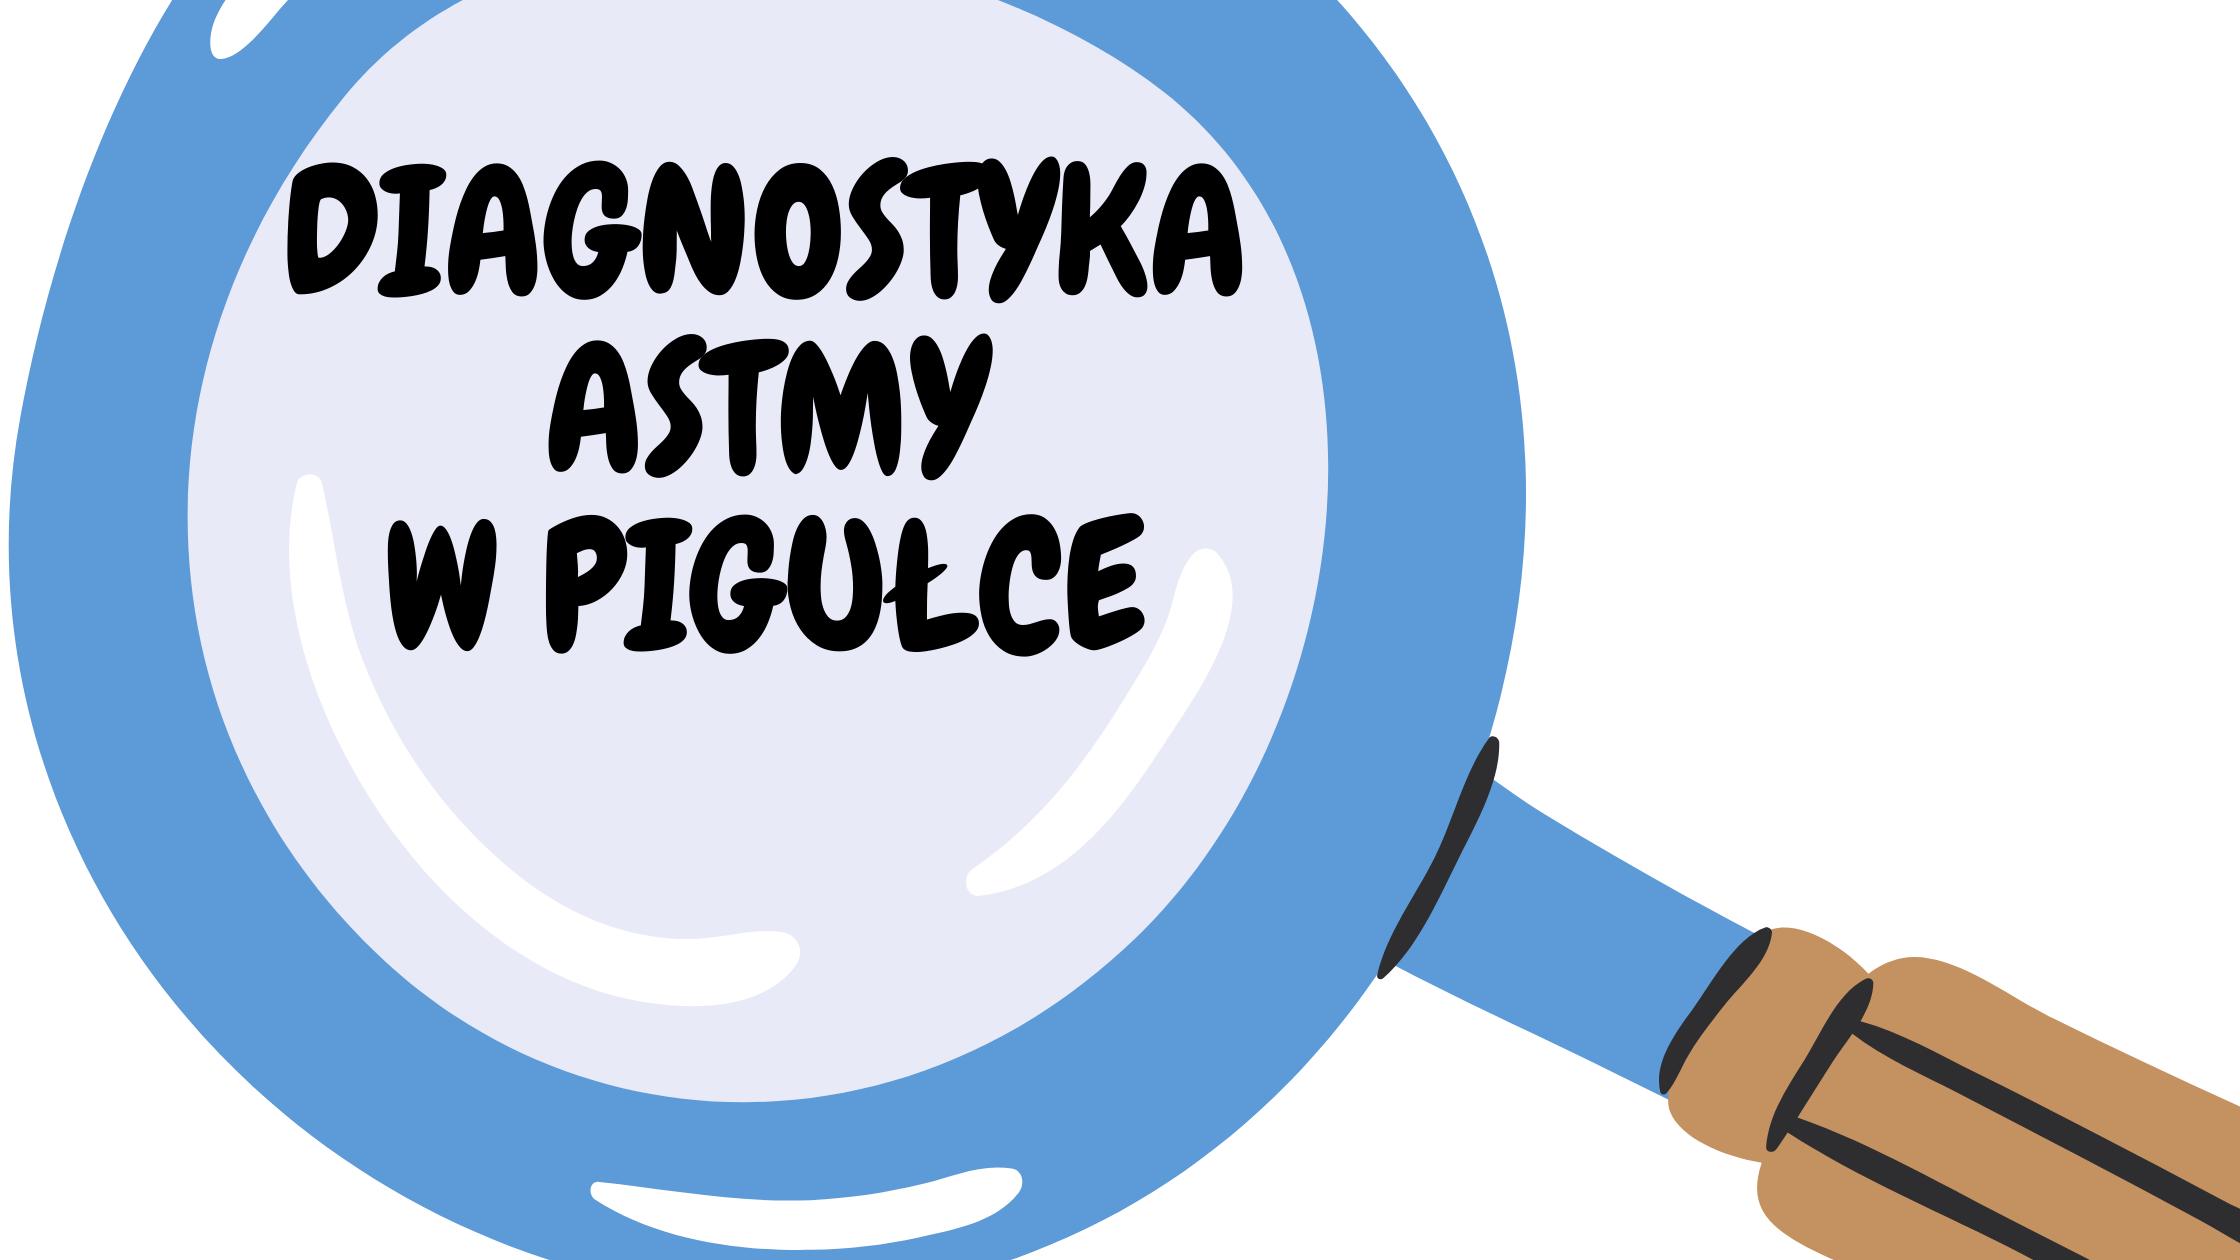 Diagnostyka astmy w pigułce